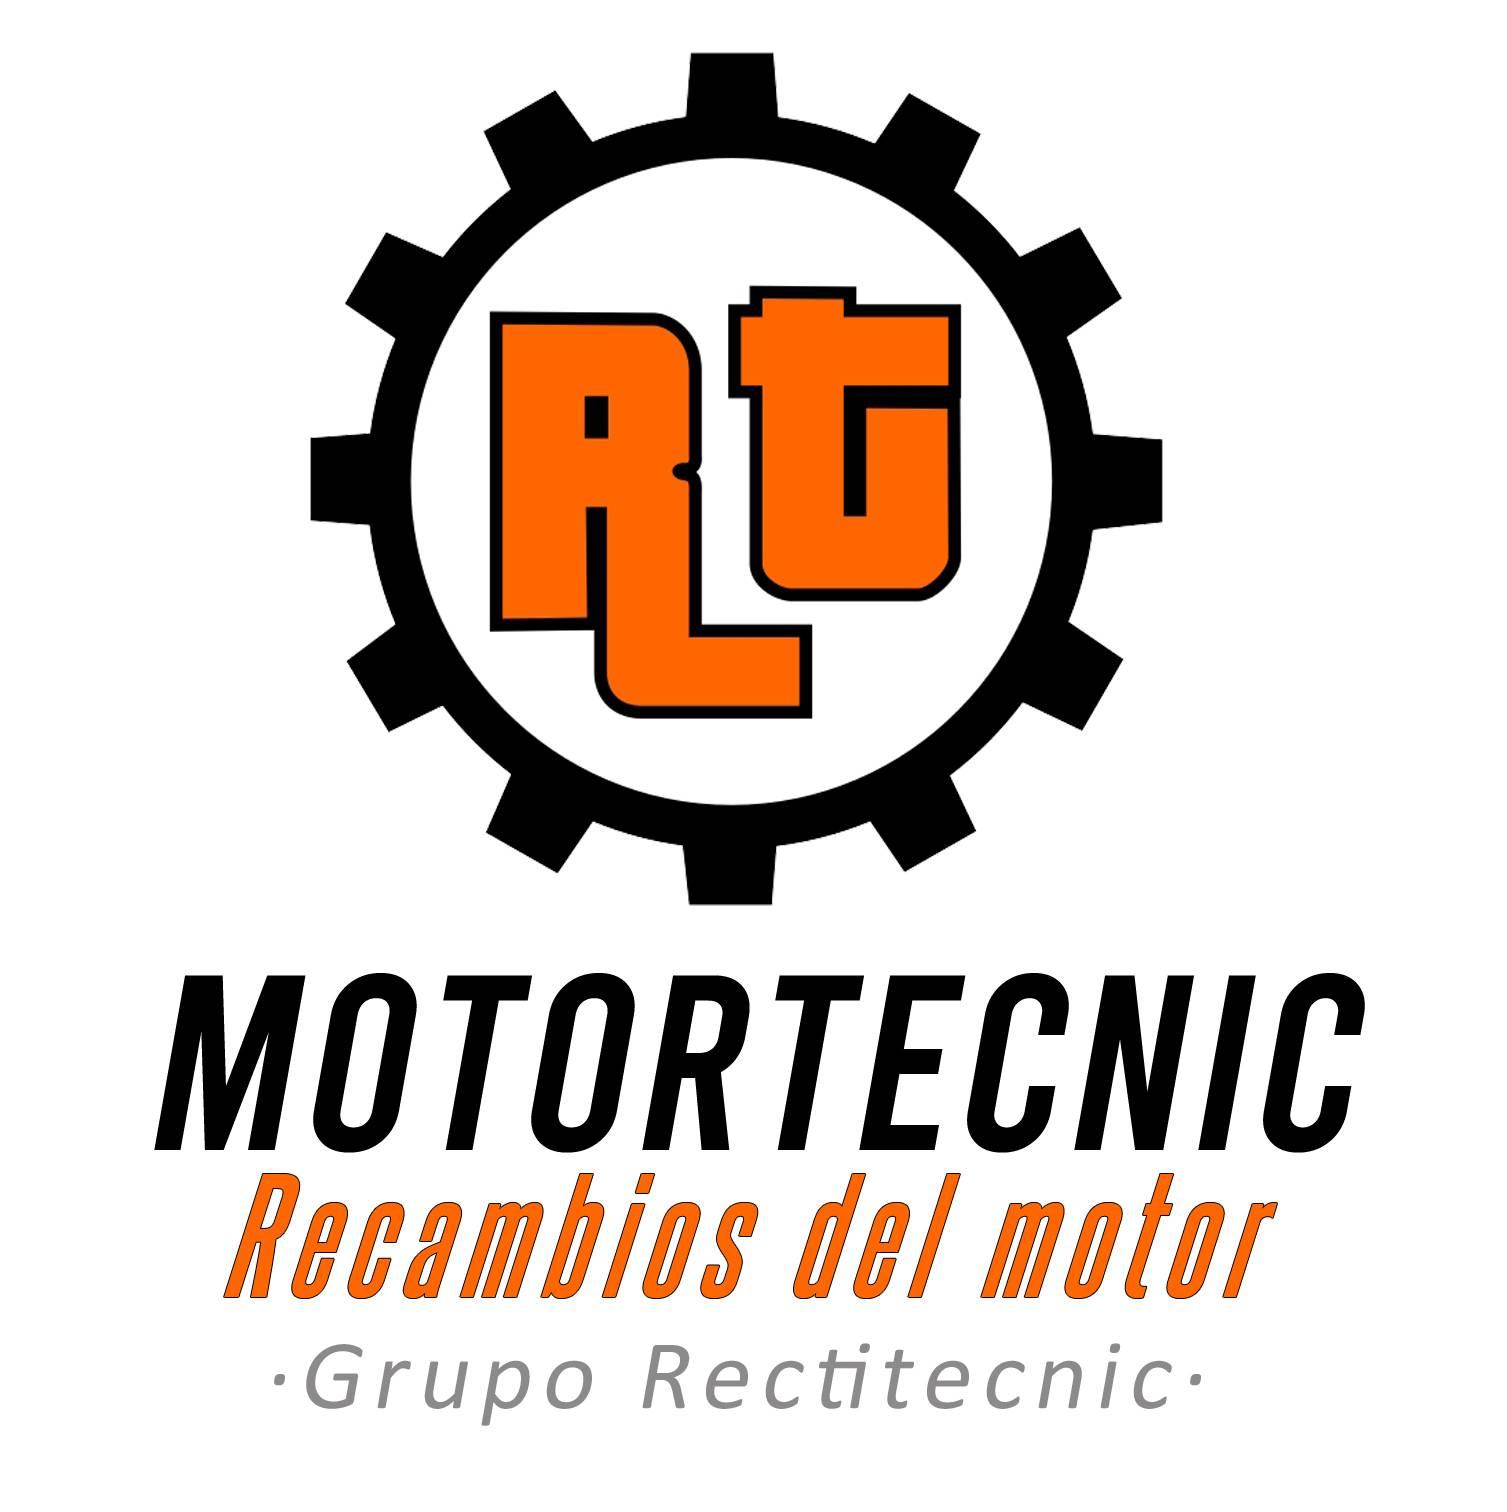 Empresa de recambios de motor